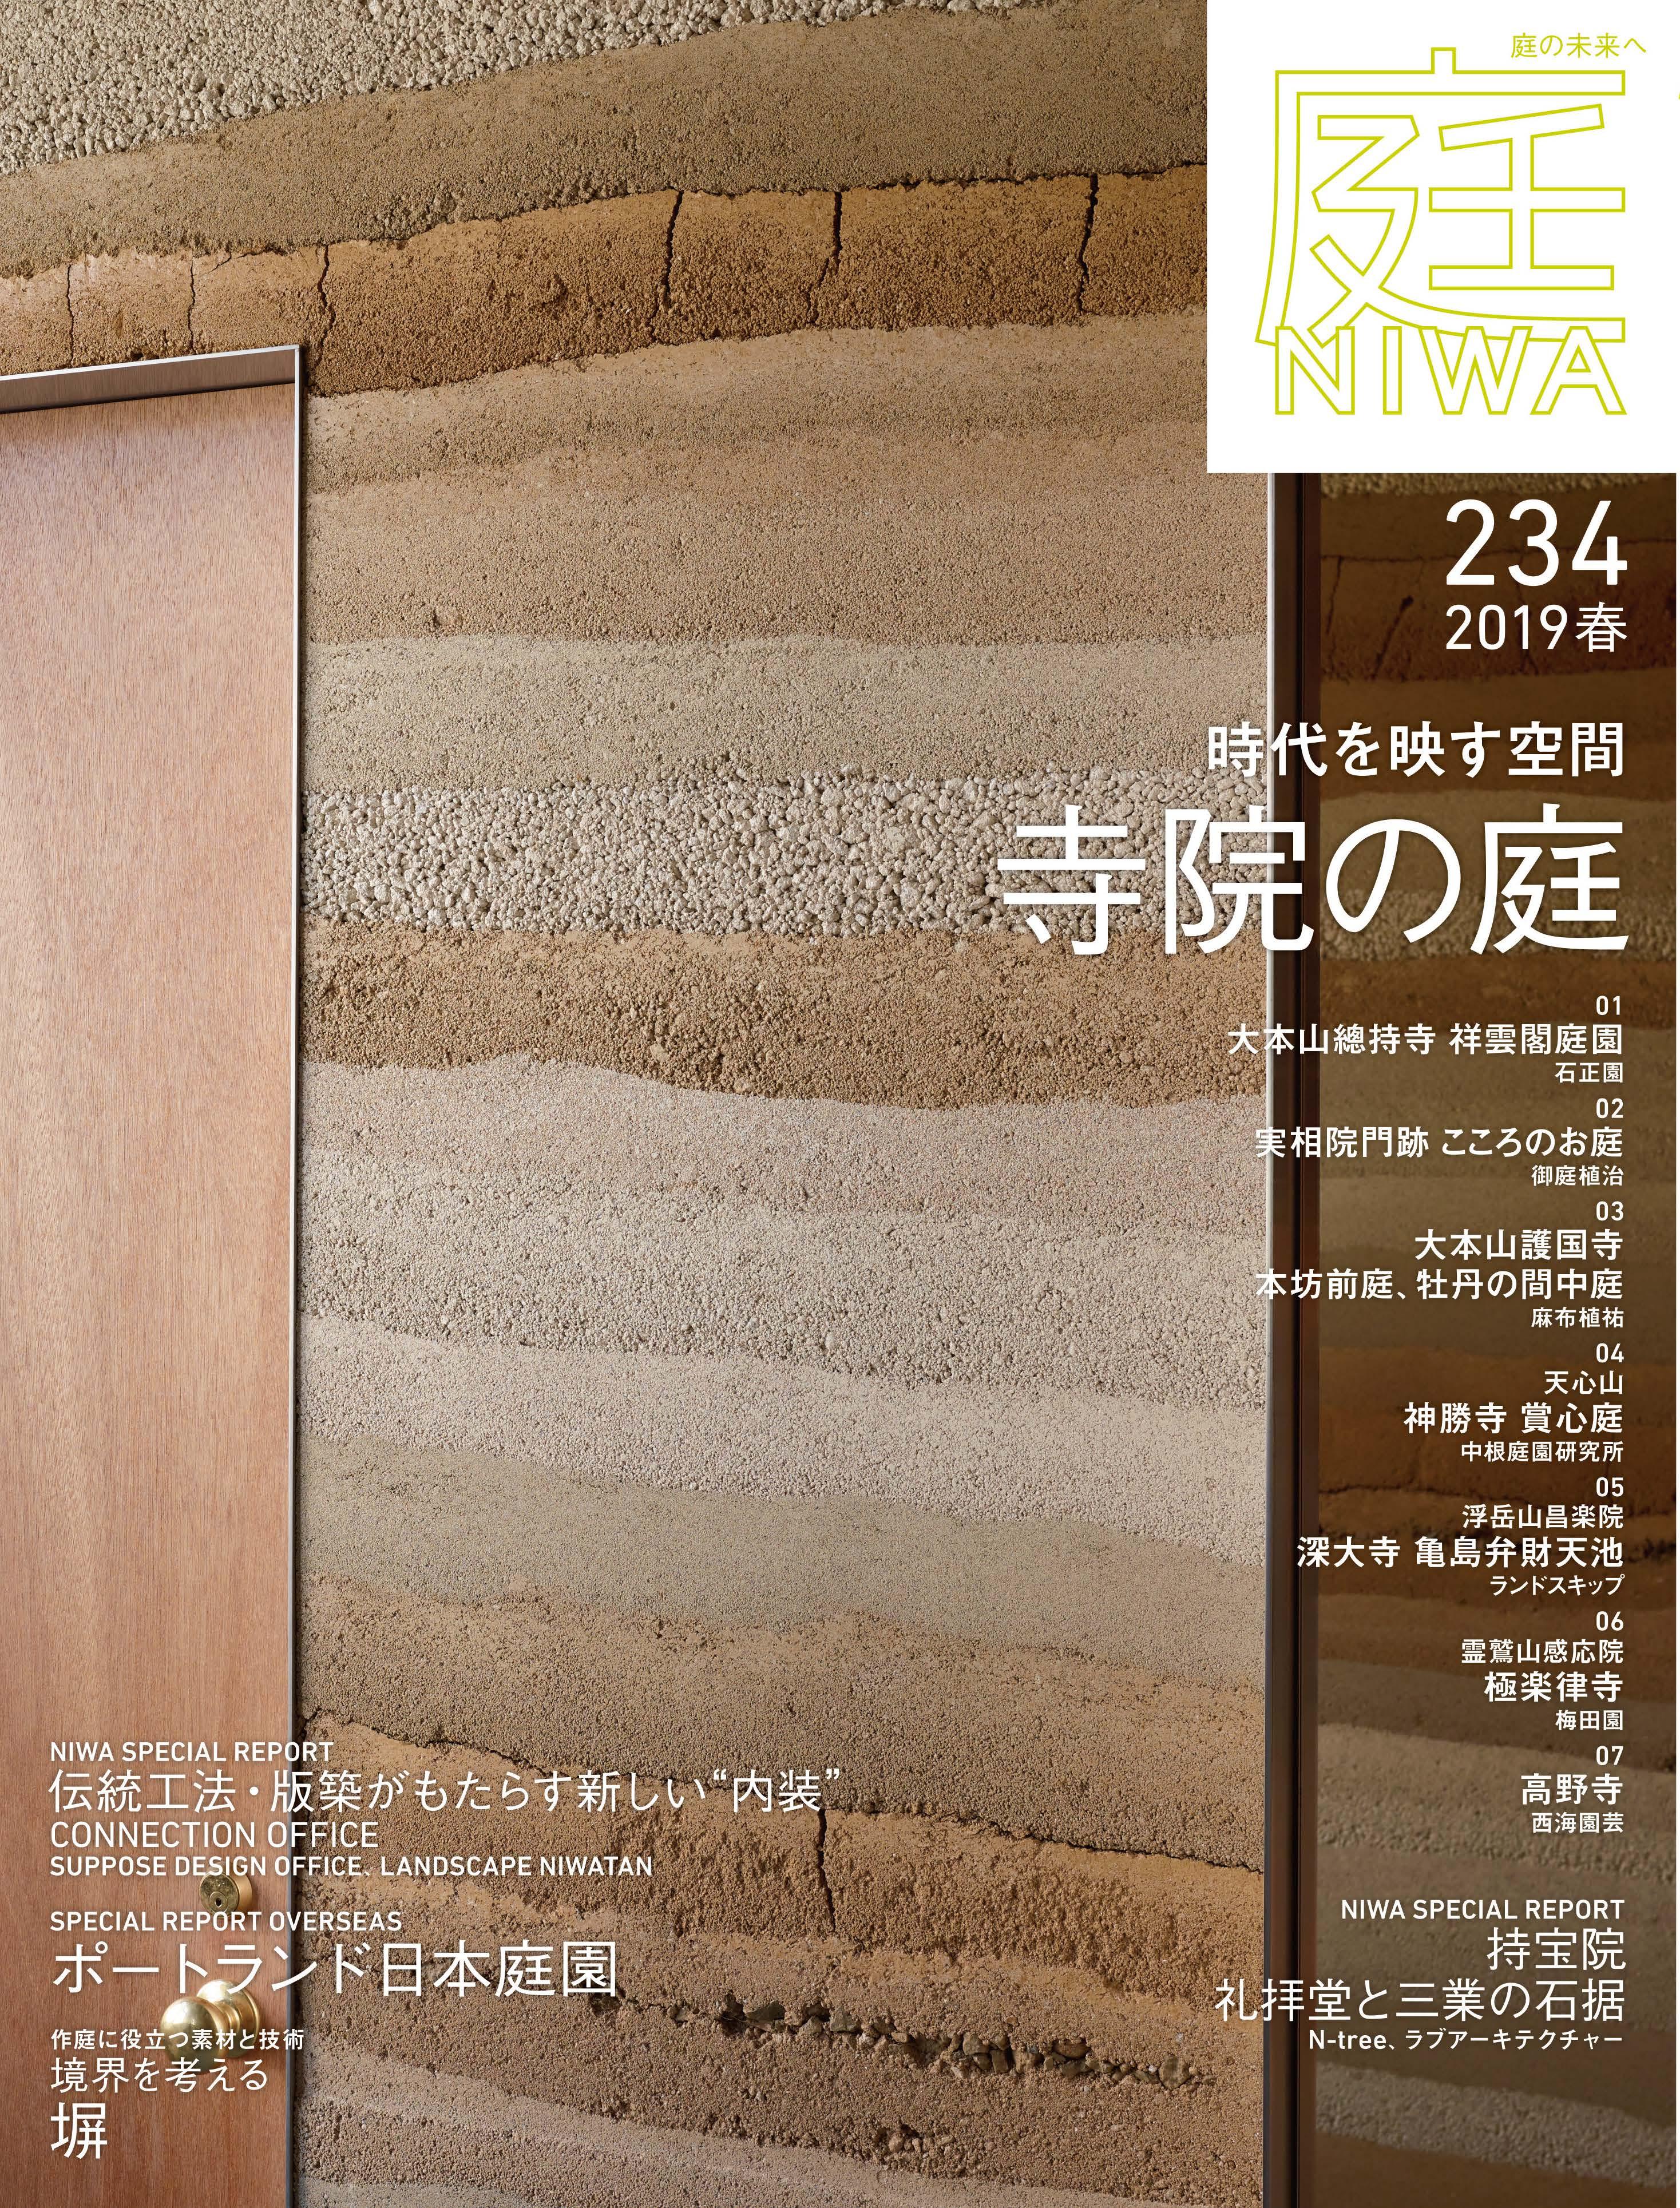 庭NIWANo.234 2019春号「時代を映す空間 寺院の庭」